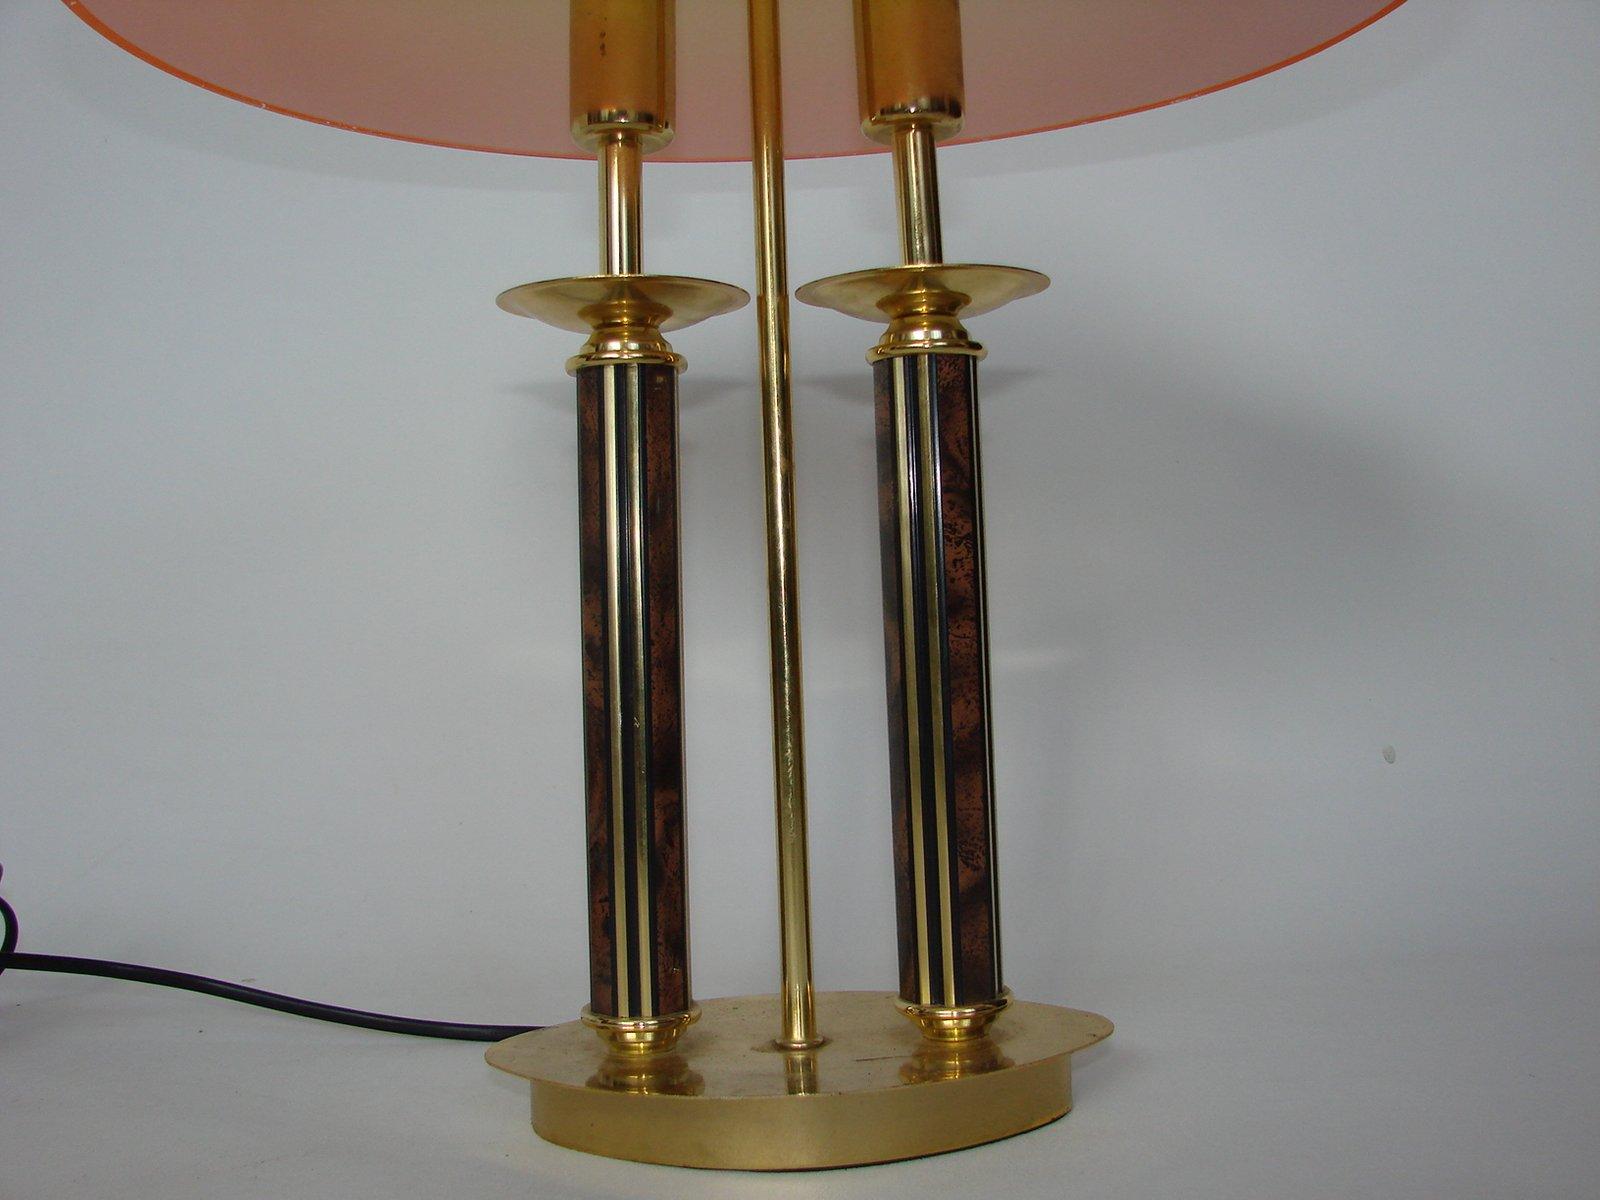 Art deco leuchten lampe lampen nachbau ebay hilversum